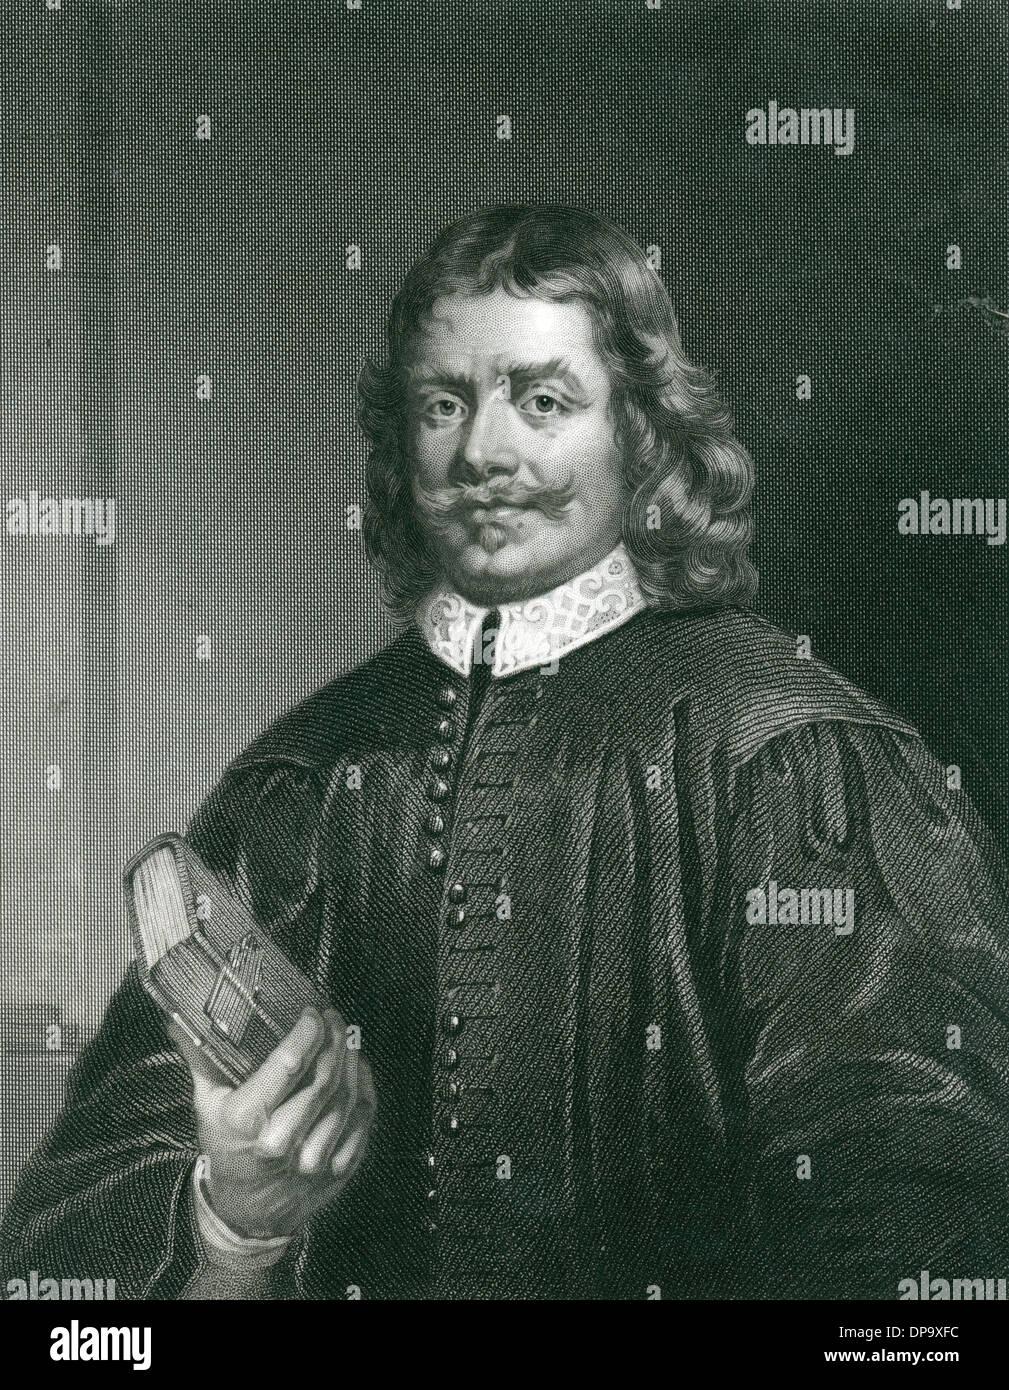 JOHN BUNYAN 1628 - 1688 Stock Photo